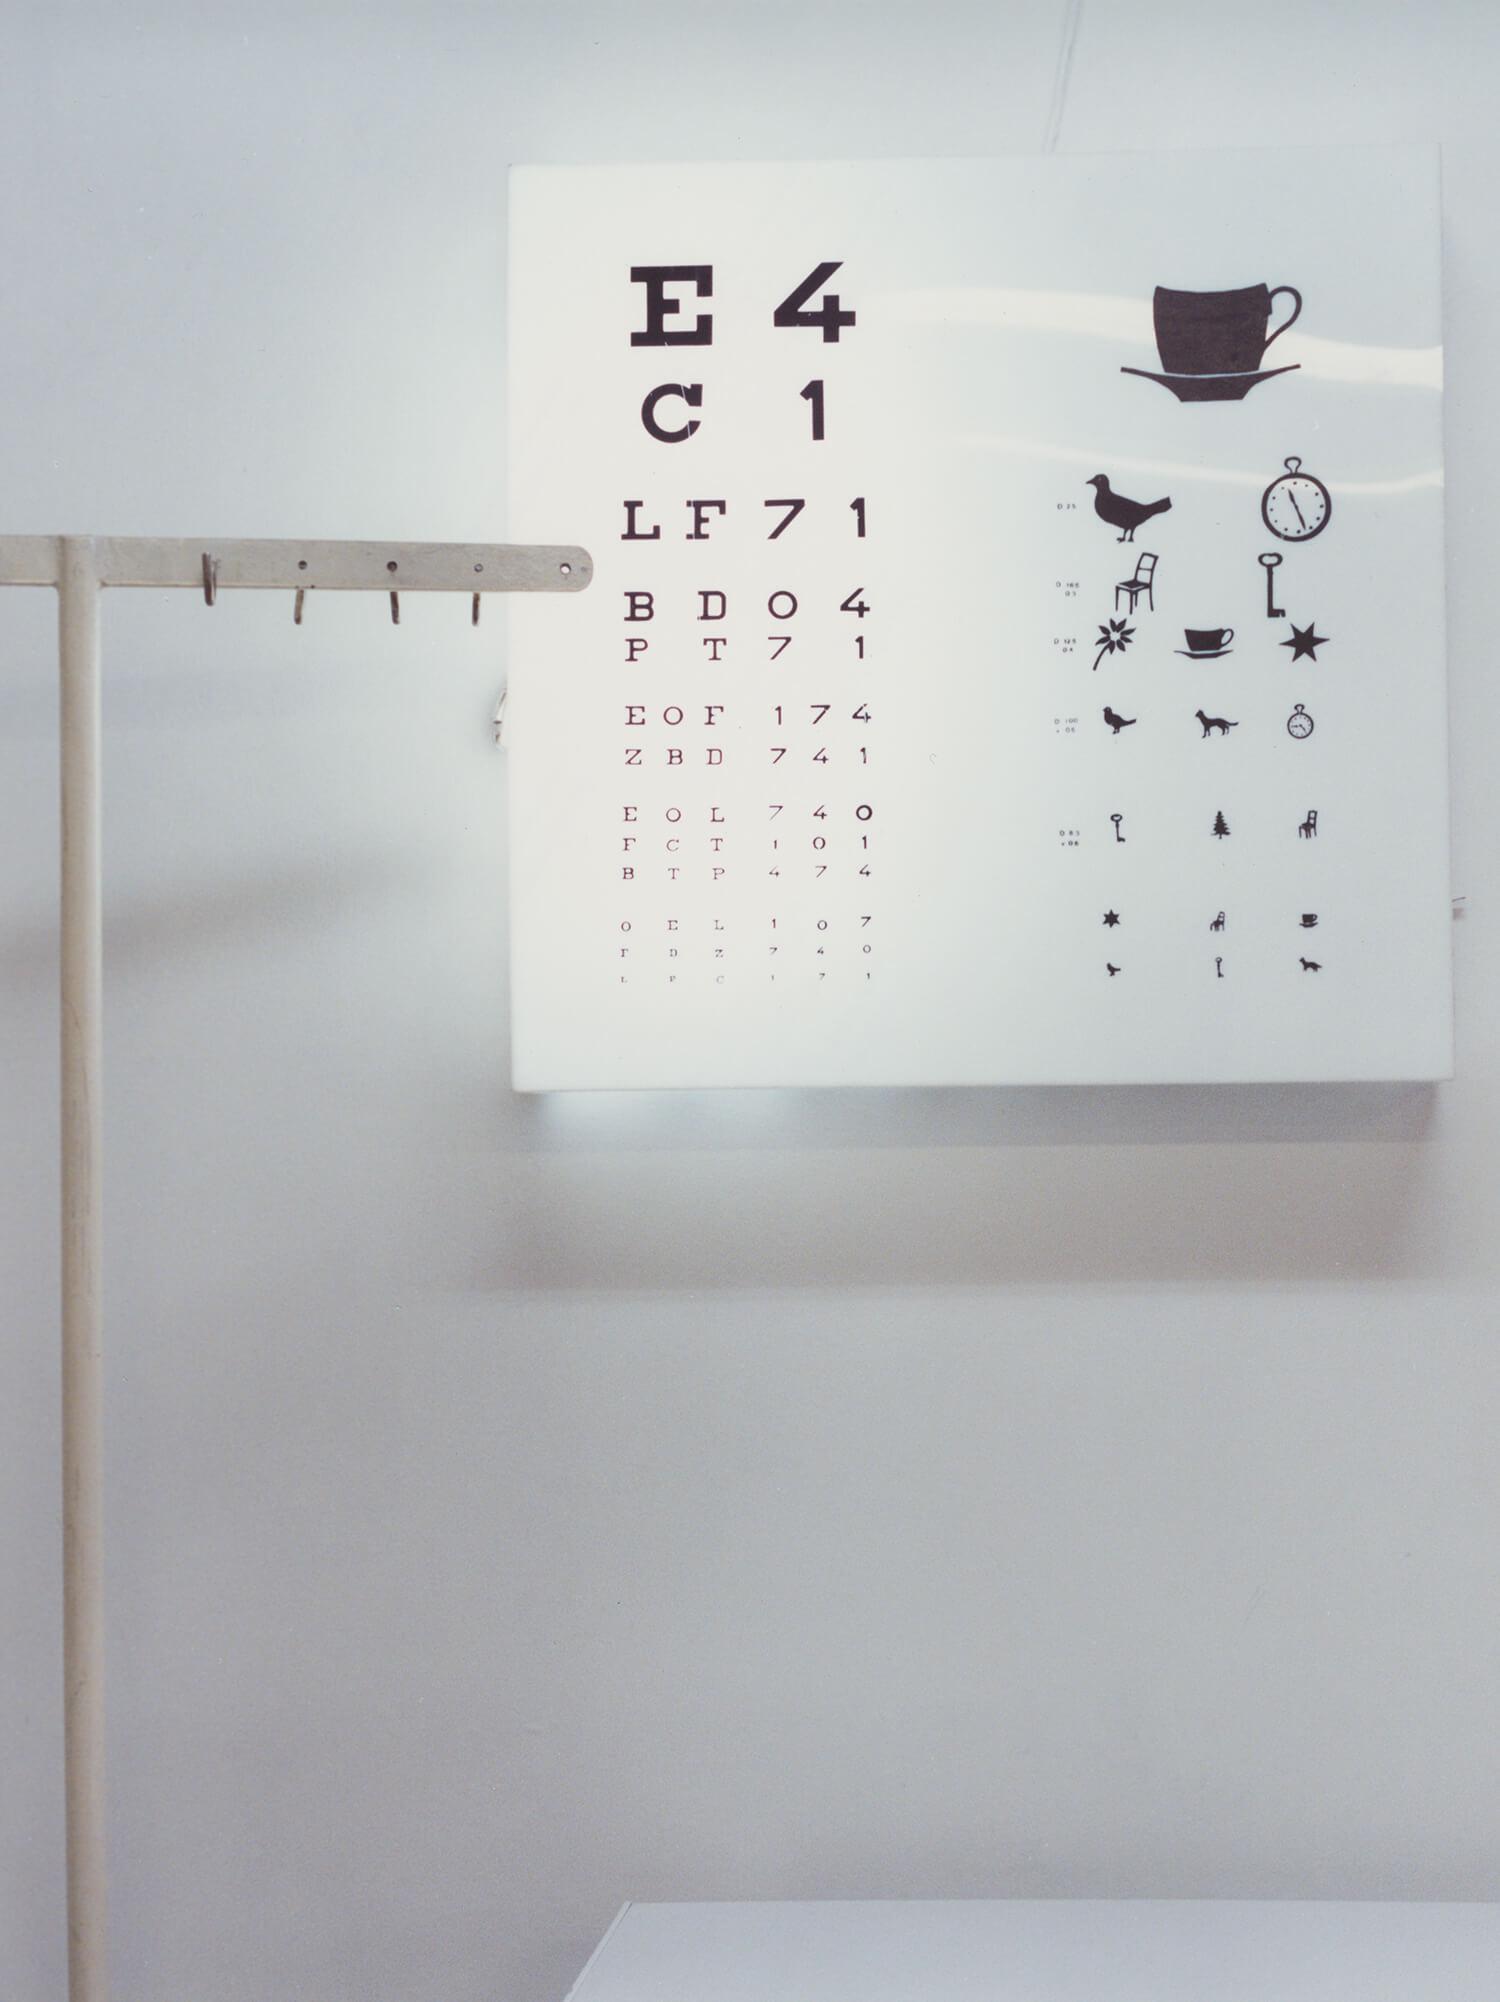 Instituto de Readaptacion Social, Mexico, C-type print, 16 x 20 inches, 2003